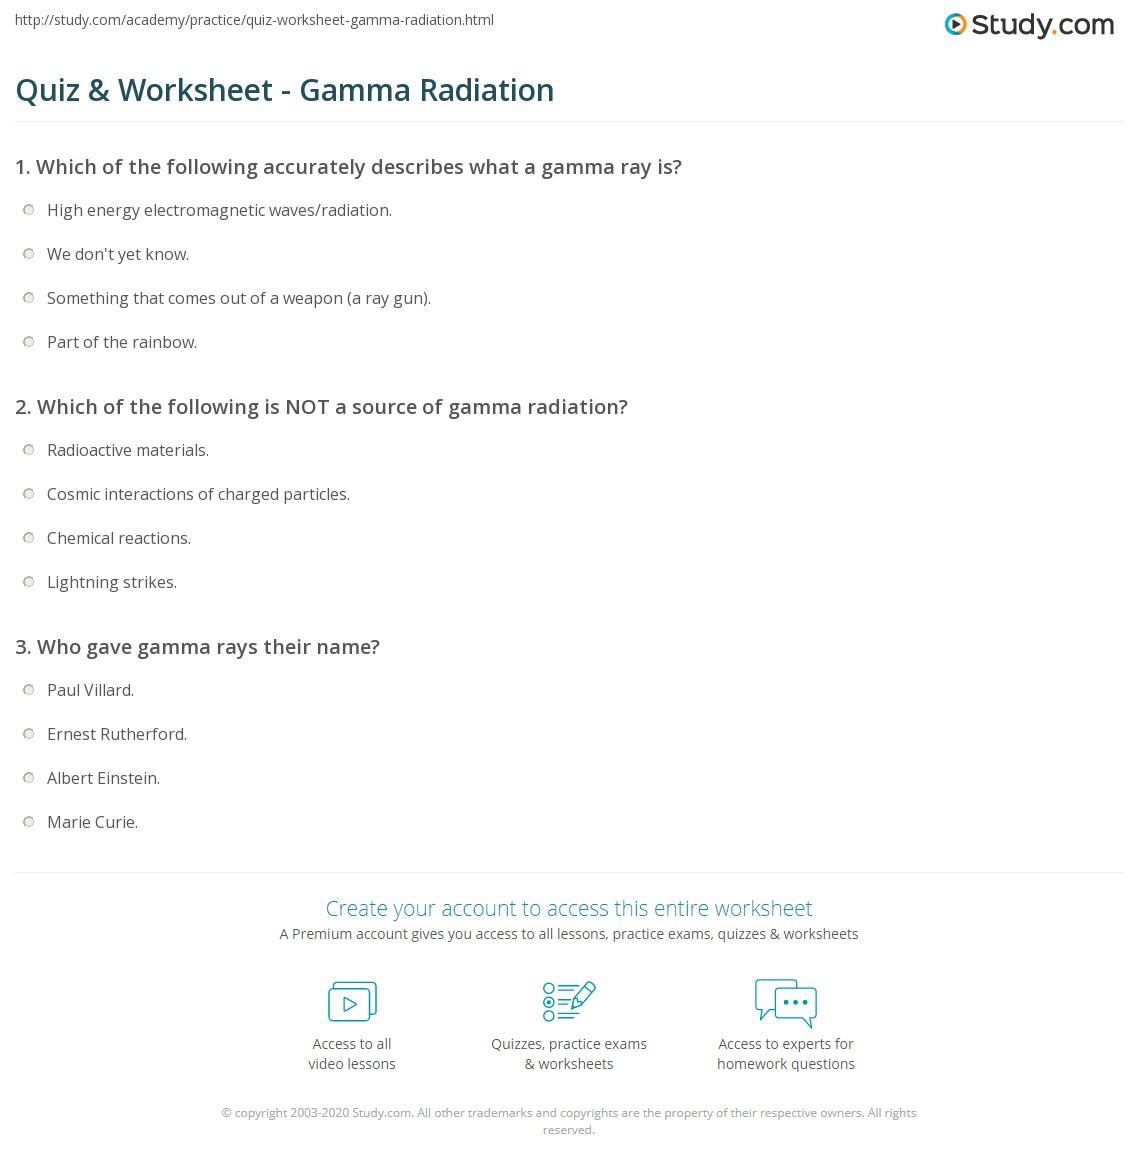 quiz & worksheet - gamma radiation | study